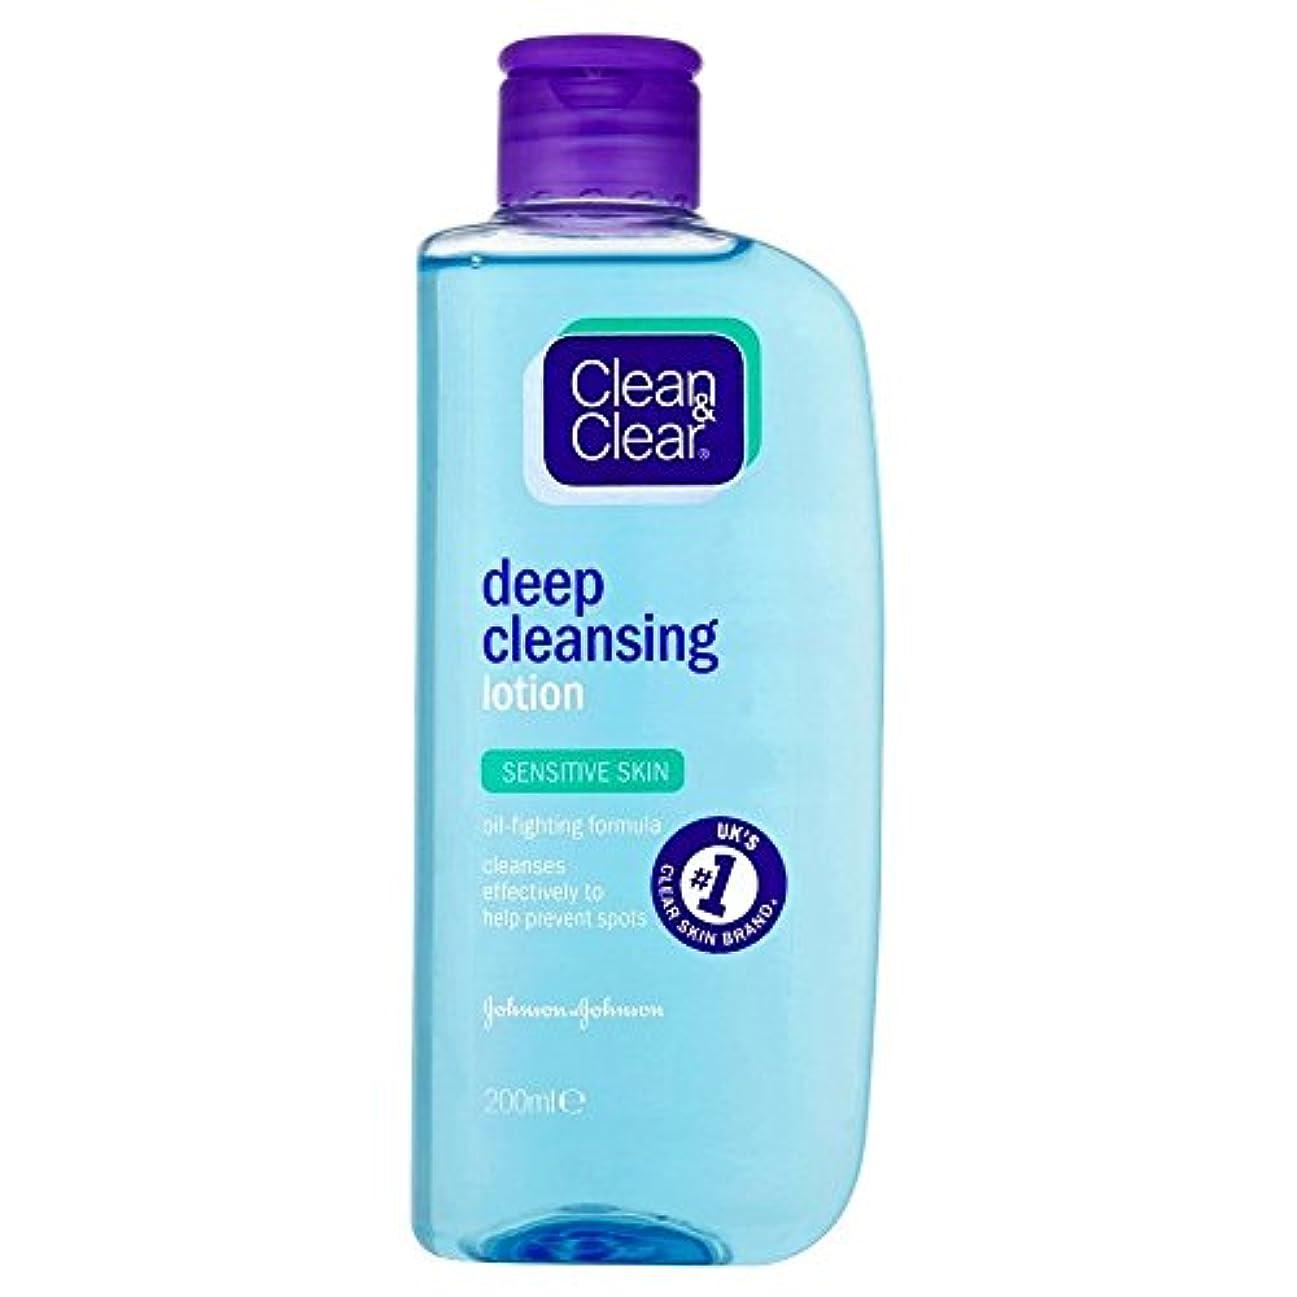 コンデンサー勤勉な災難Clean & Clear Deep Cleansing Lotion - Sensitive (200ml) クリーンで明確なディープクレンジングローション - 感受性( 200ミリリットル) [並行輸入品]